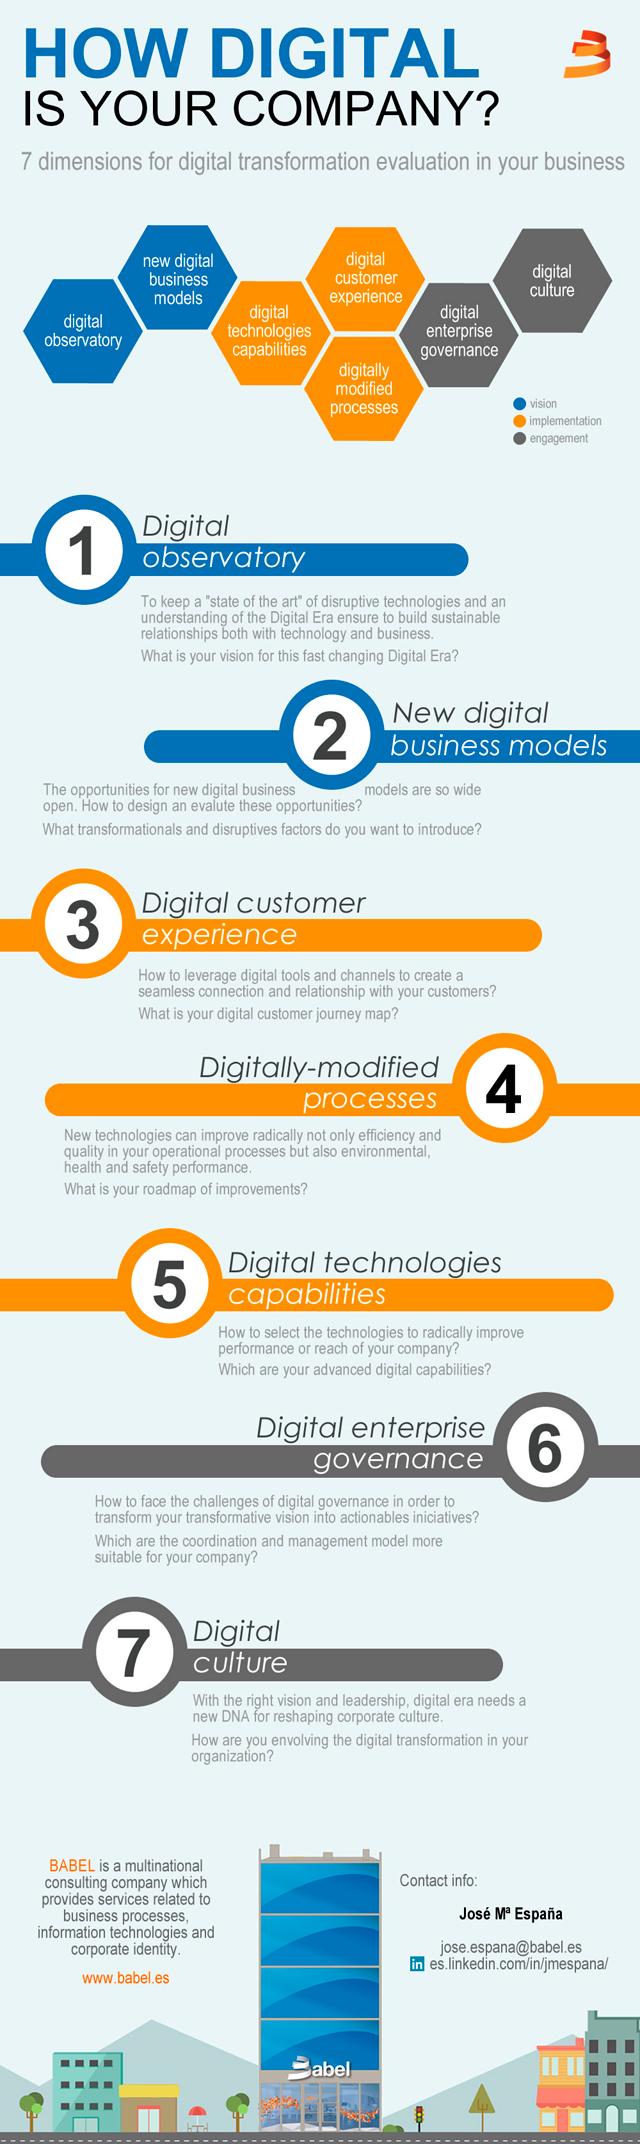 Las 7 etapas de la transformación digital de una empresa